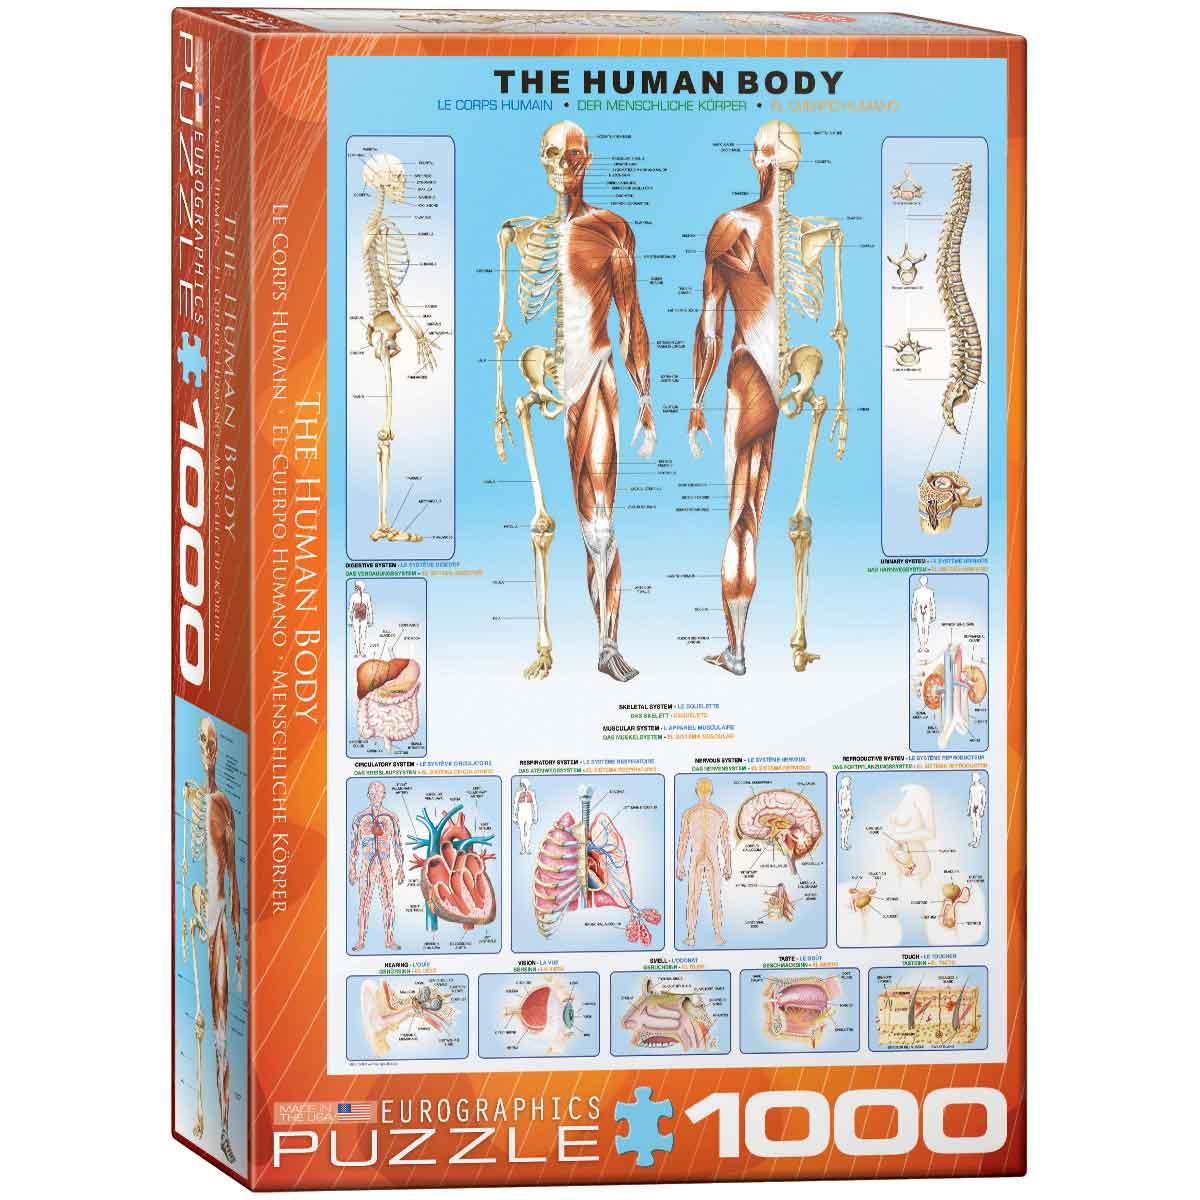 Puzzle Eurographics El Cuerpo Humano de 1000 Piezas